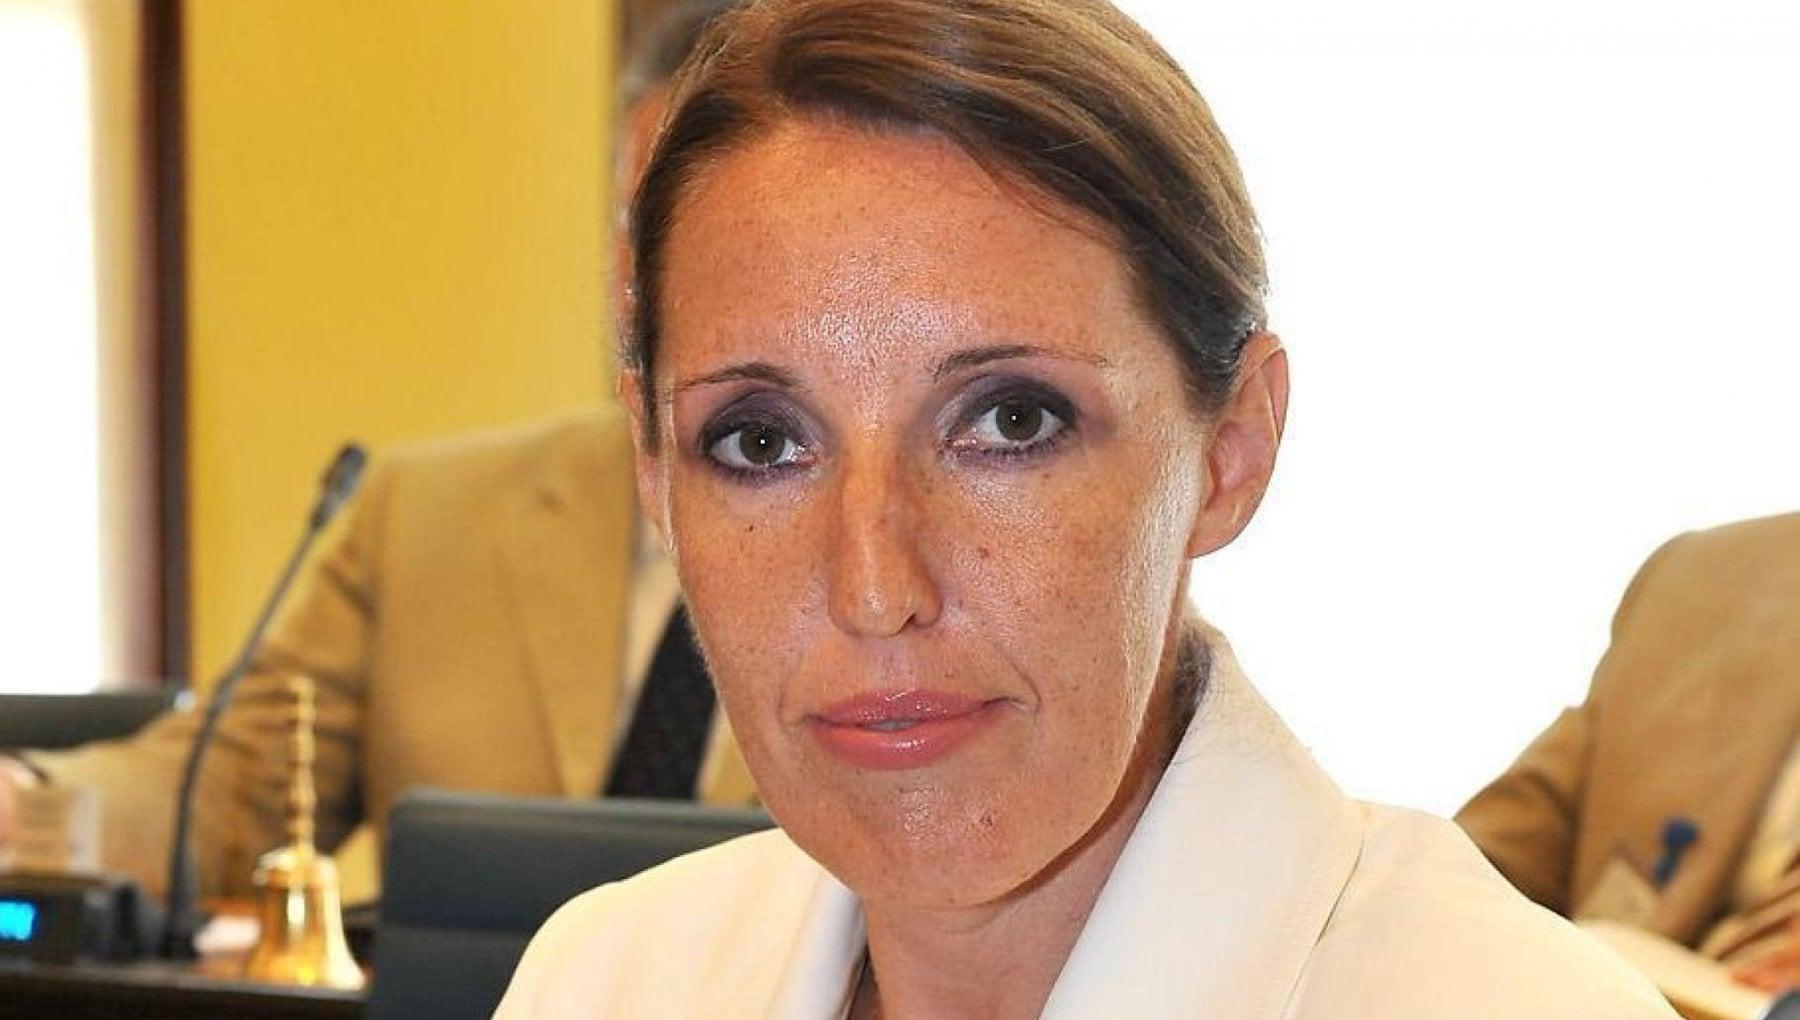 """Veneto, l'assessora che canta """"Faccetta Nera"""": """"Non sono pentita, sono io che ho subito un attacco squadrista"""""""